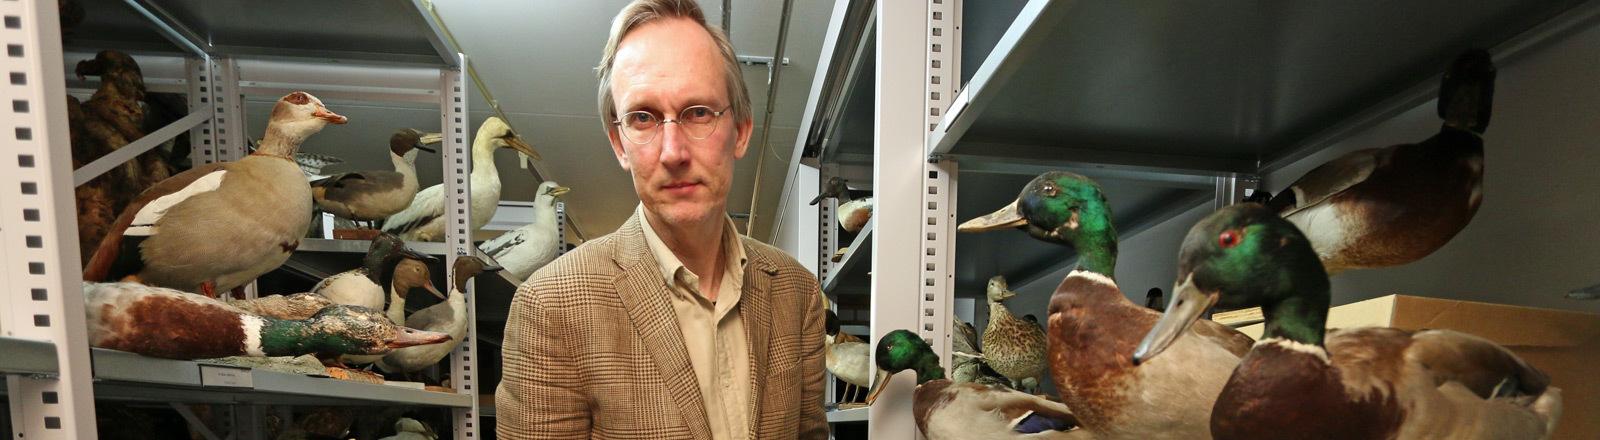 Naturhistoriker Kees Moeliker.